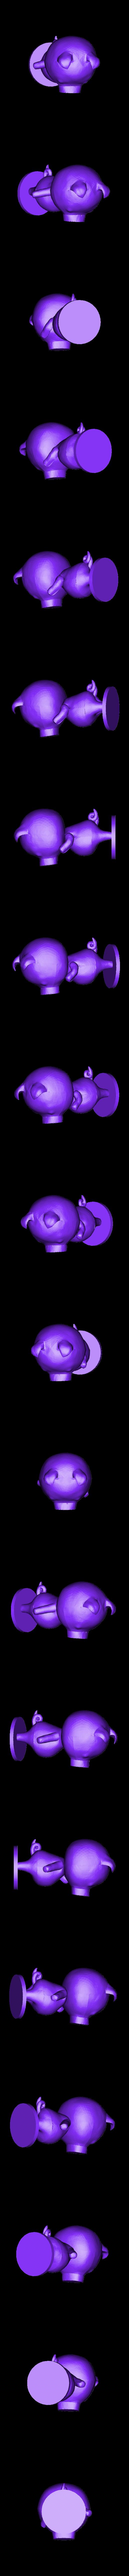 agnes full.stl Download free STL file Agnes - Animal Crossing • Design to 3D print, skelei